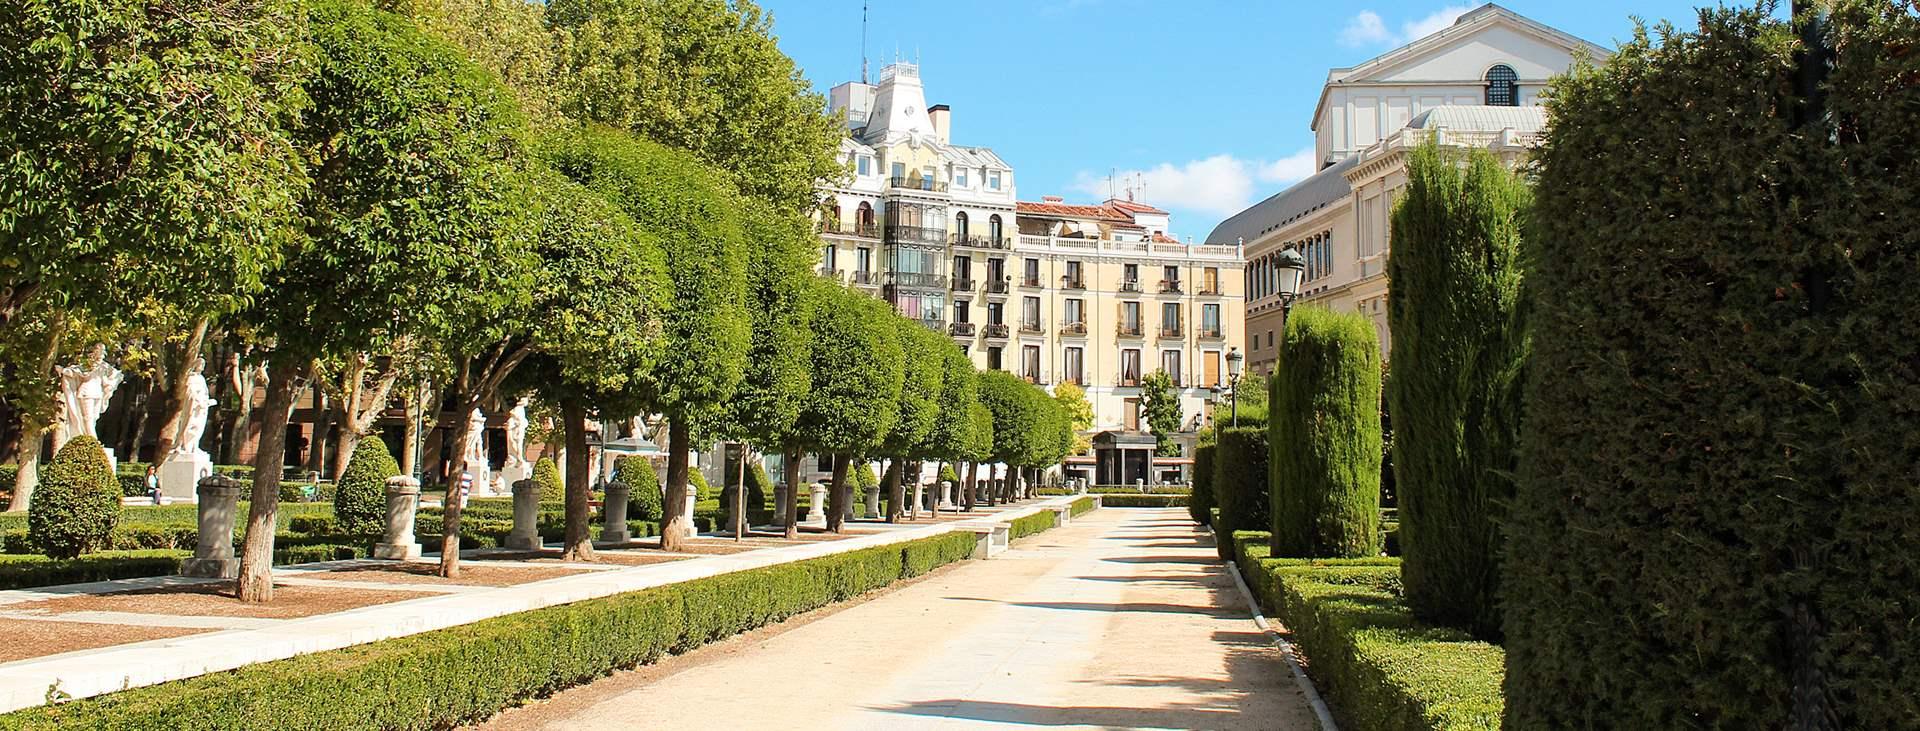 Bestill en reise med Ving til Madrid i Spania